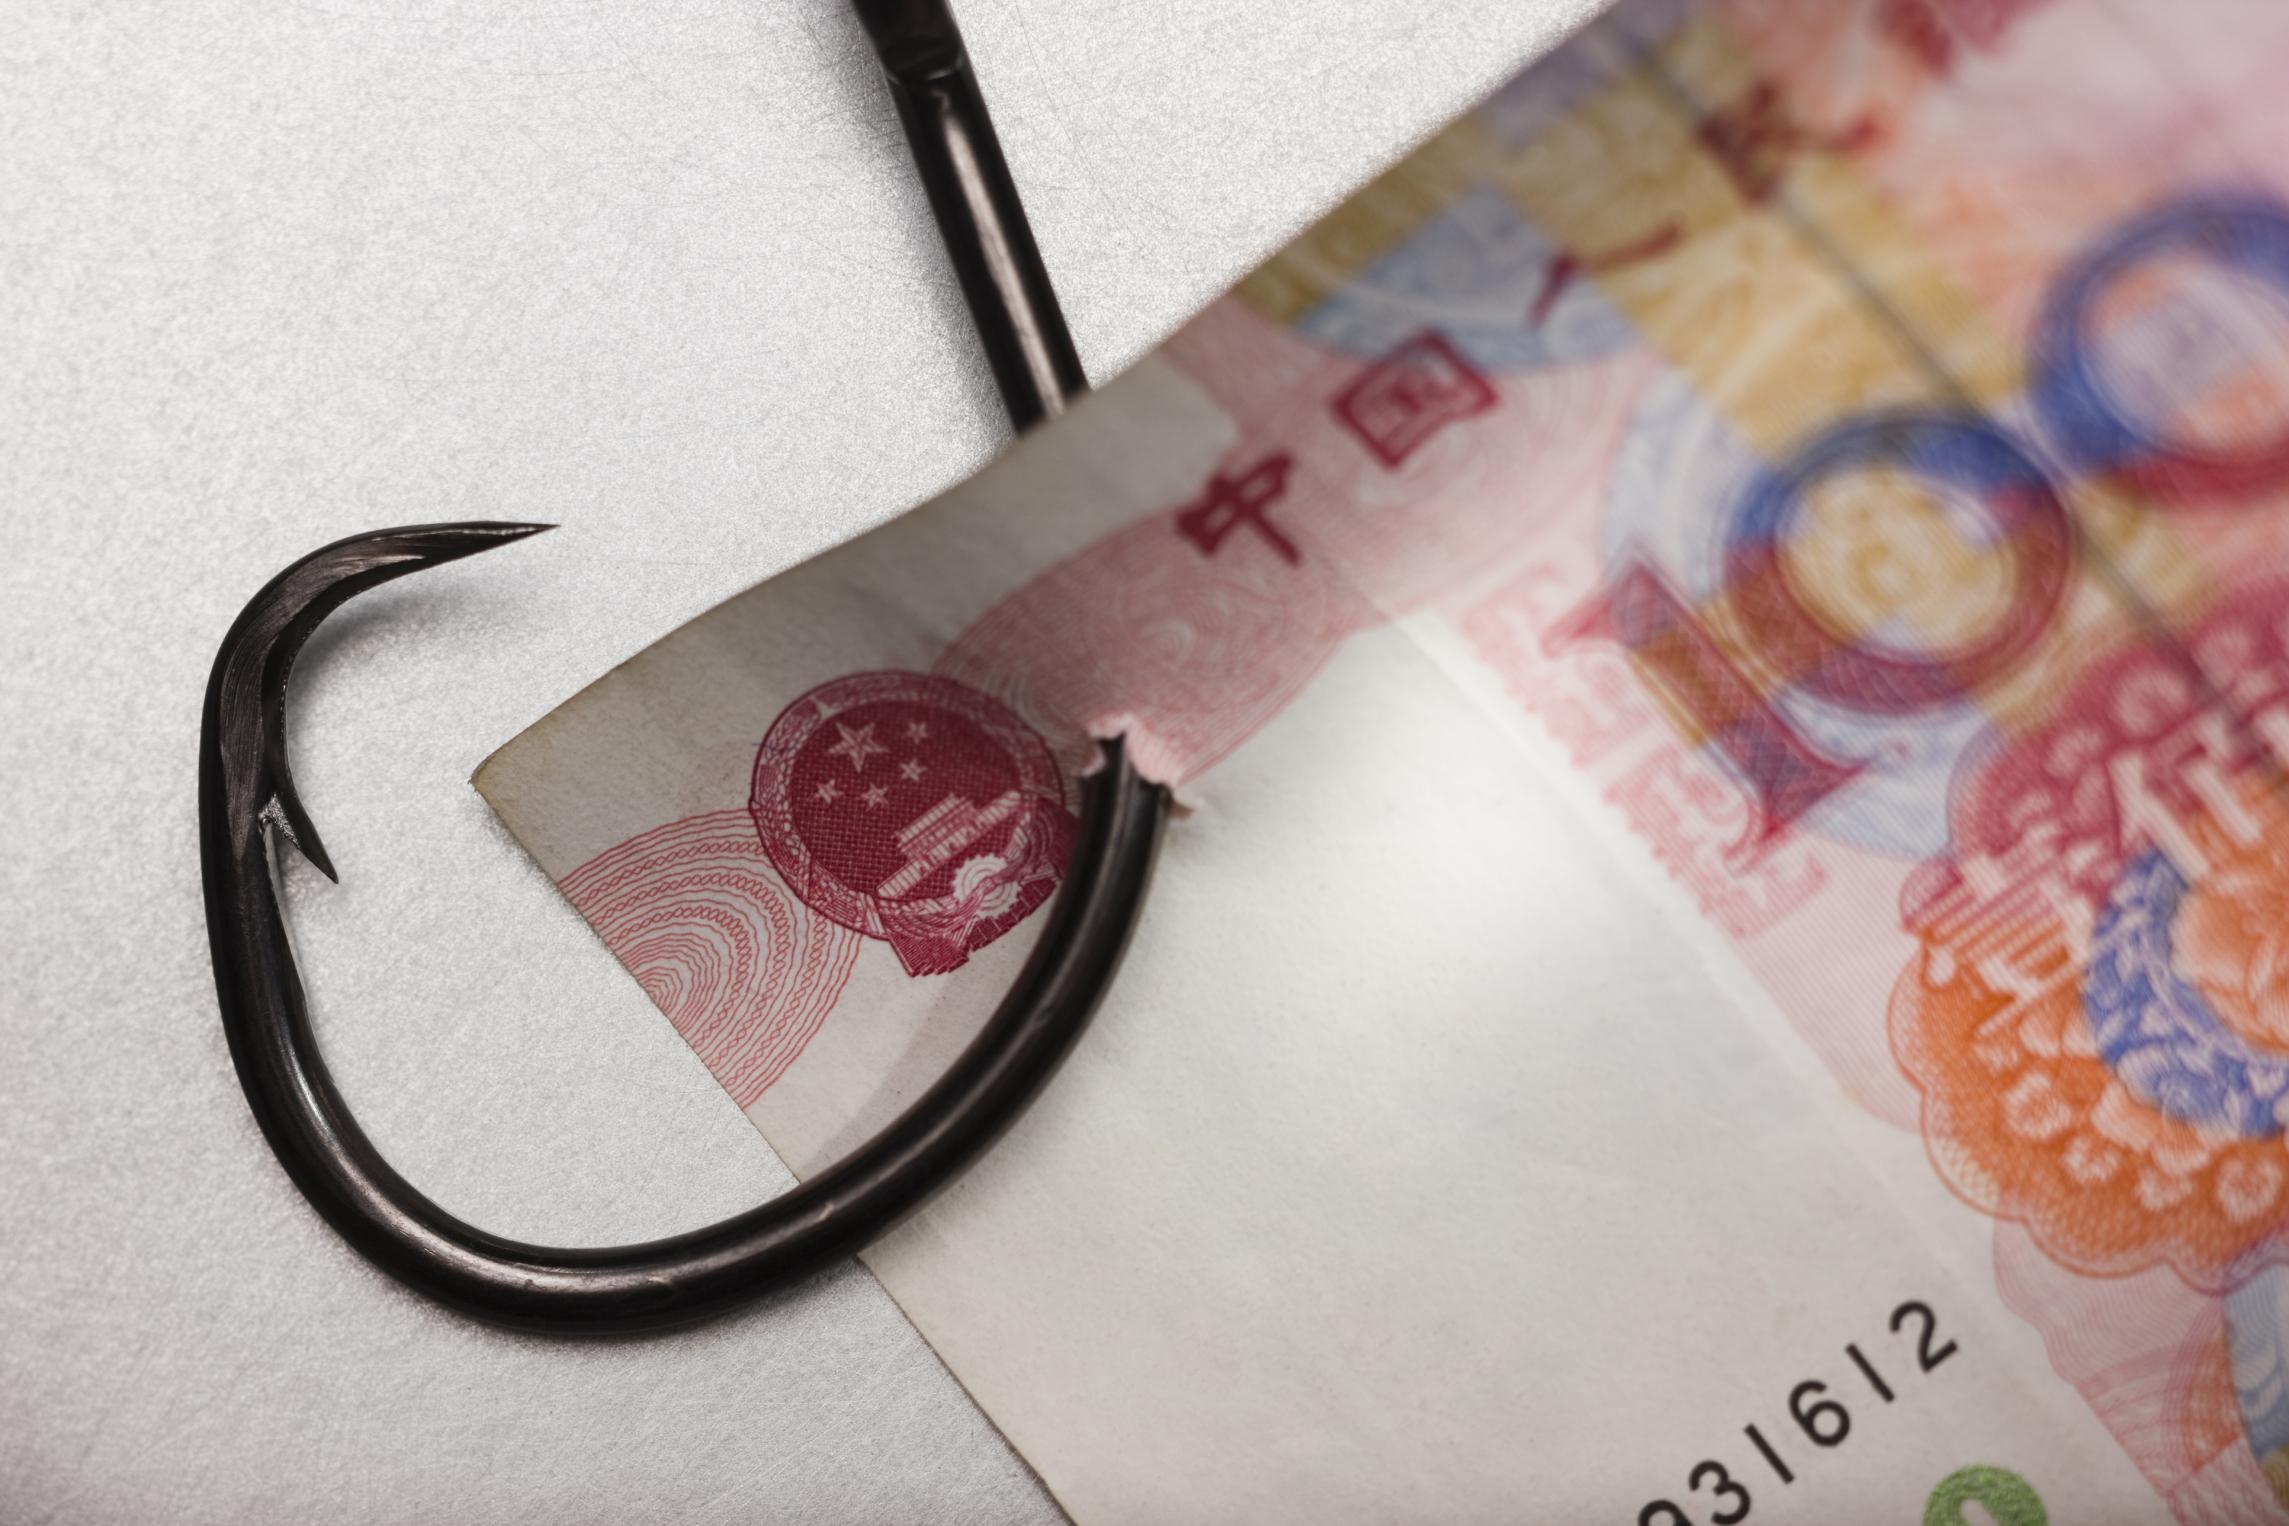 中国银行业坏账究竟有多高?法兴的最新测算再度引发关注